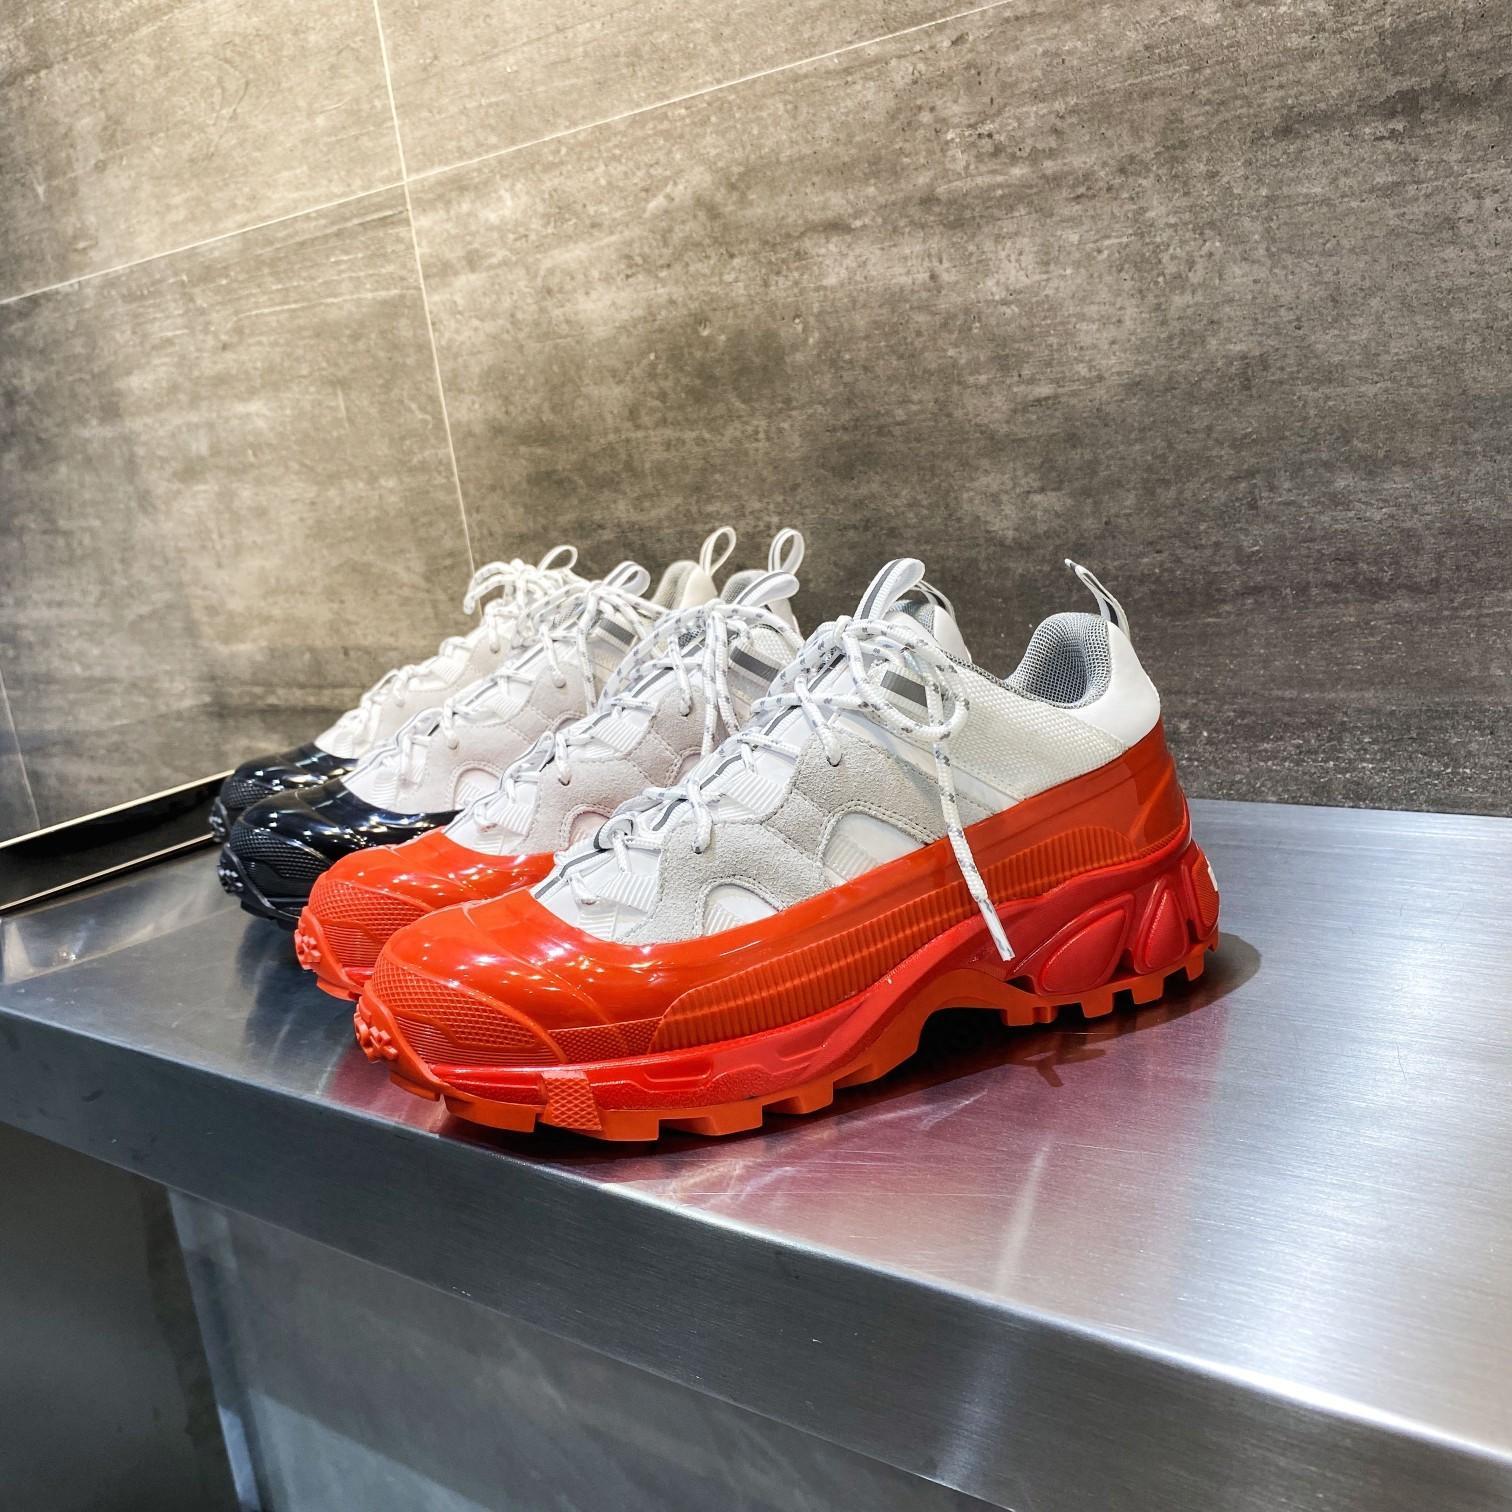 Fashion Hot Sell Famous Design Nagel Leichte Männer-Frauen-beiläufige Schuh-Breathable Männer Schuhe schnüren sich oben Walking Schuh